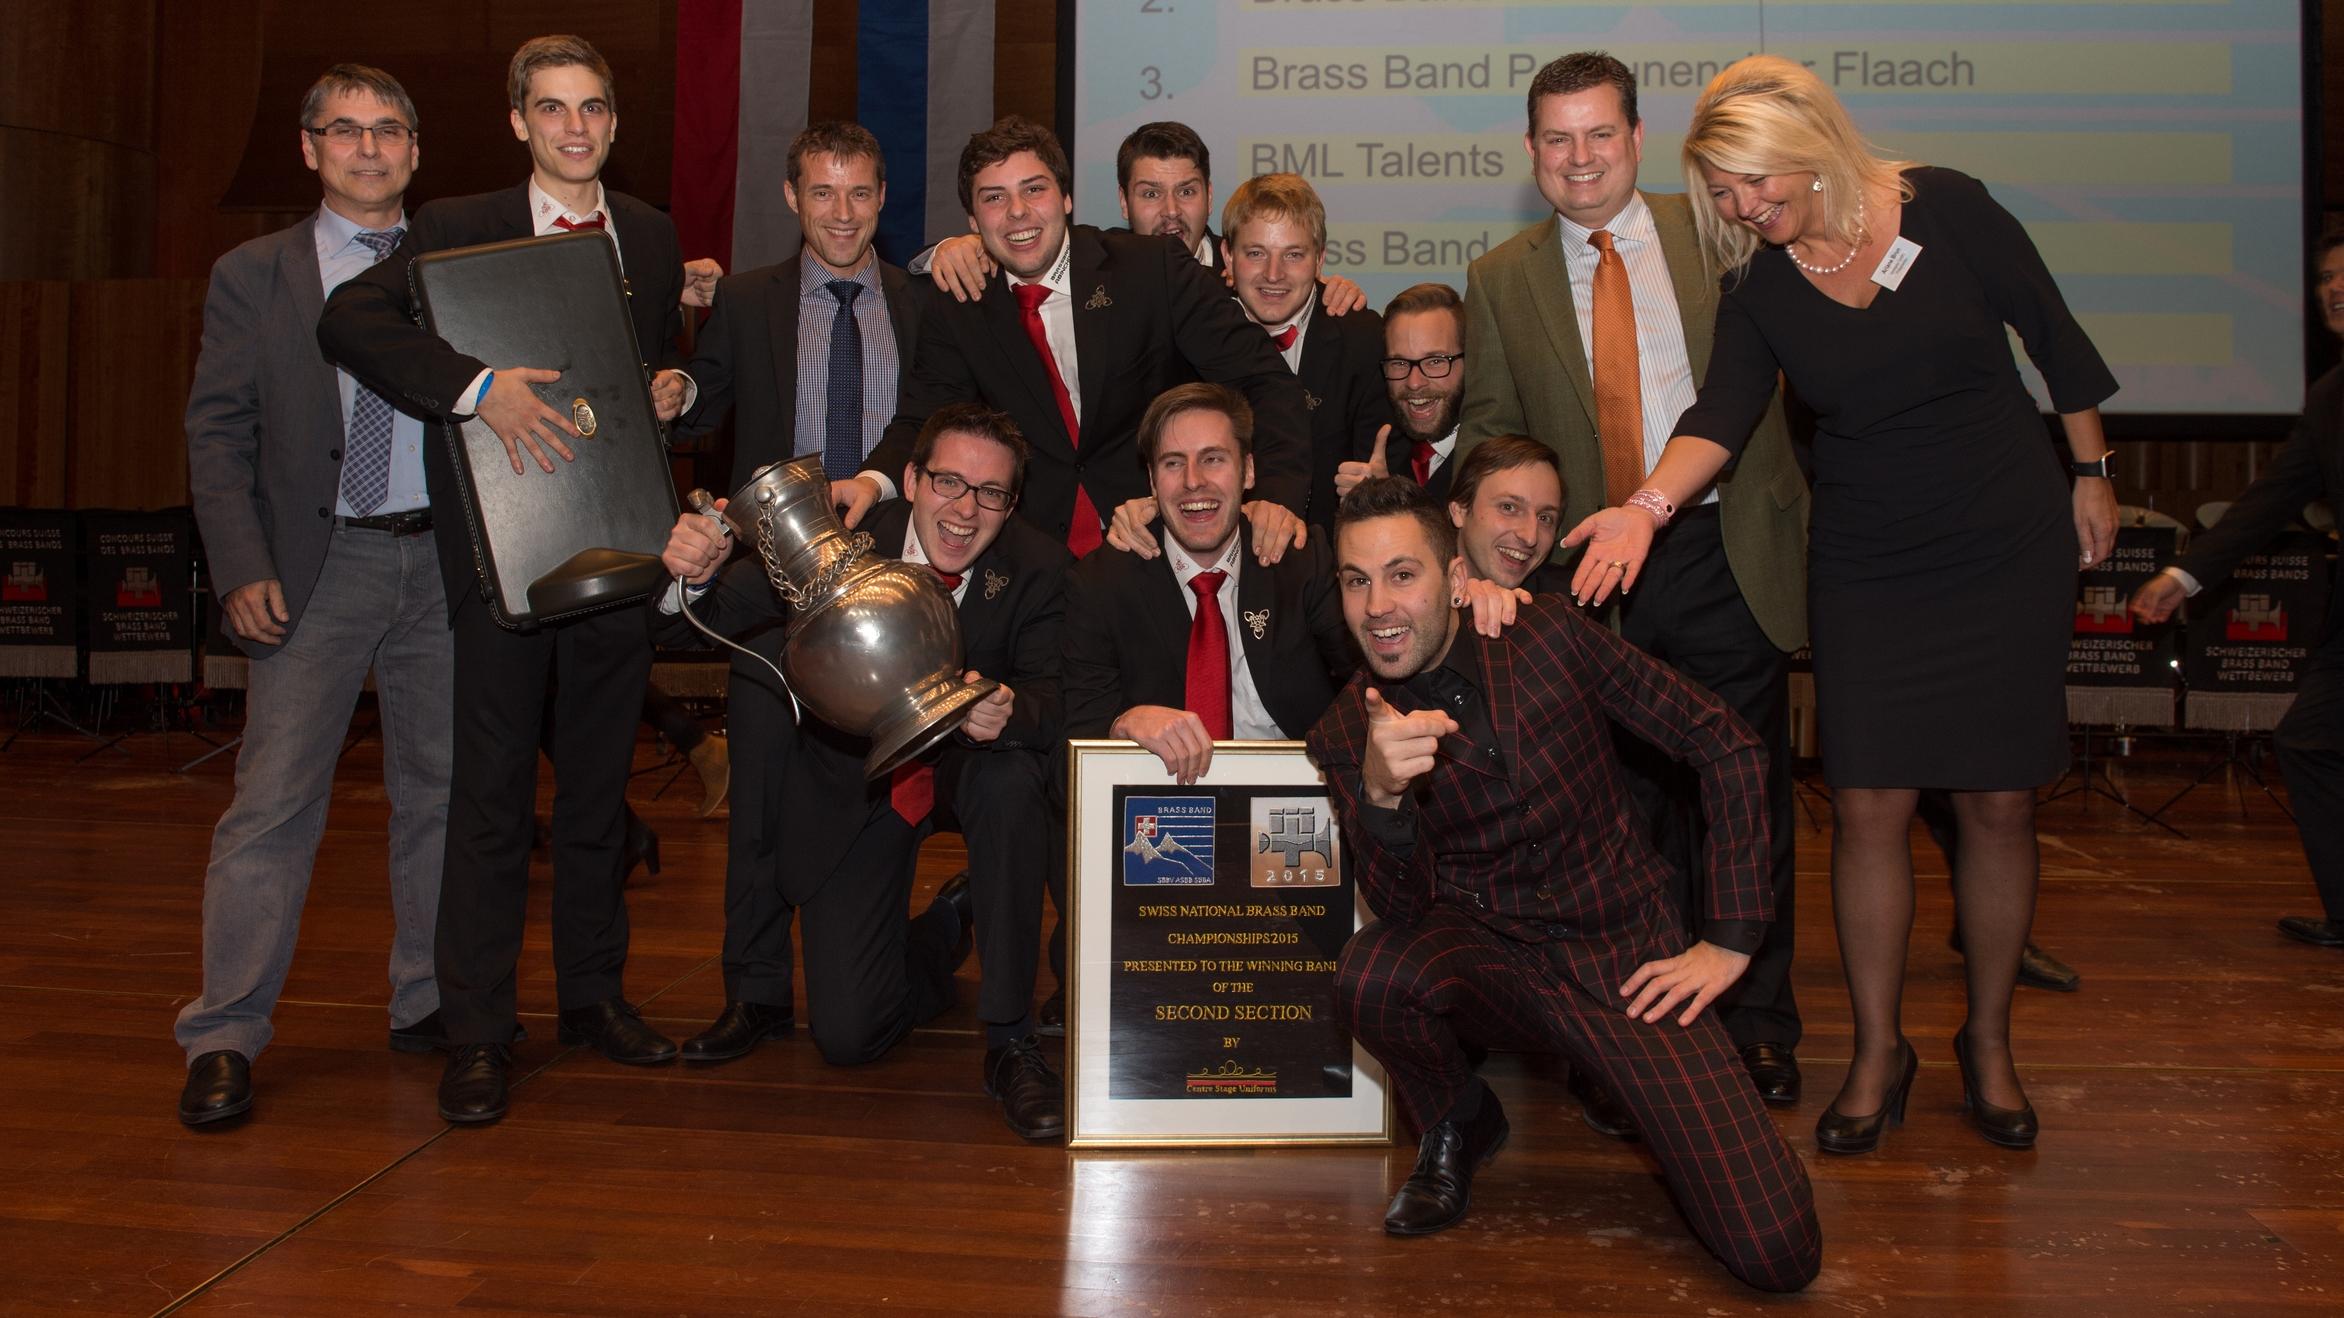 2015: Schweizermeister in der 2. Stärkeklasse